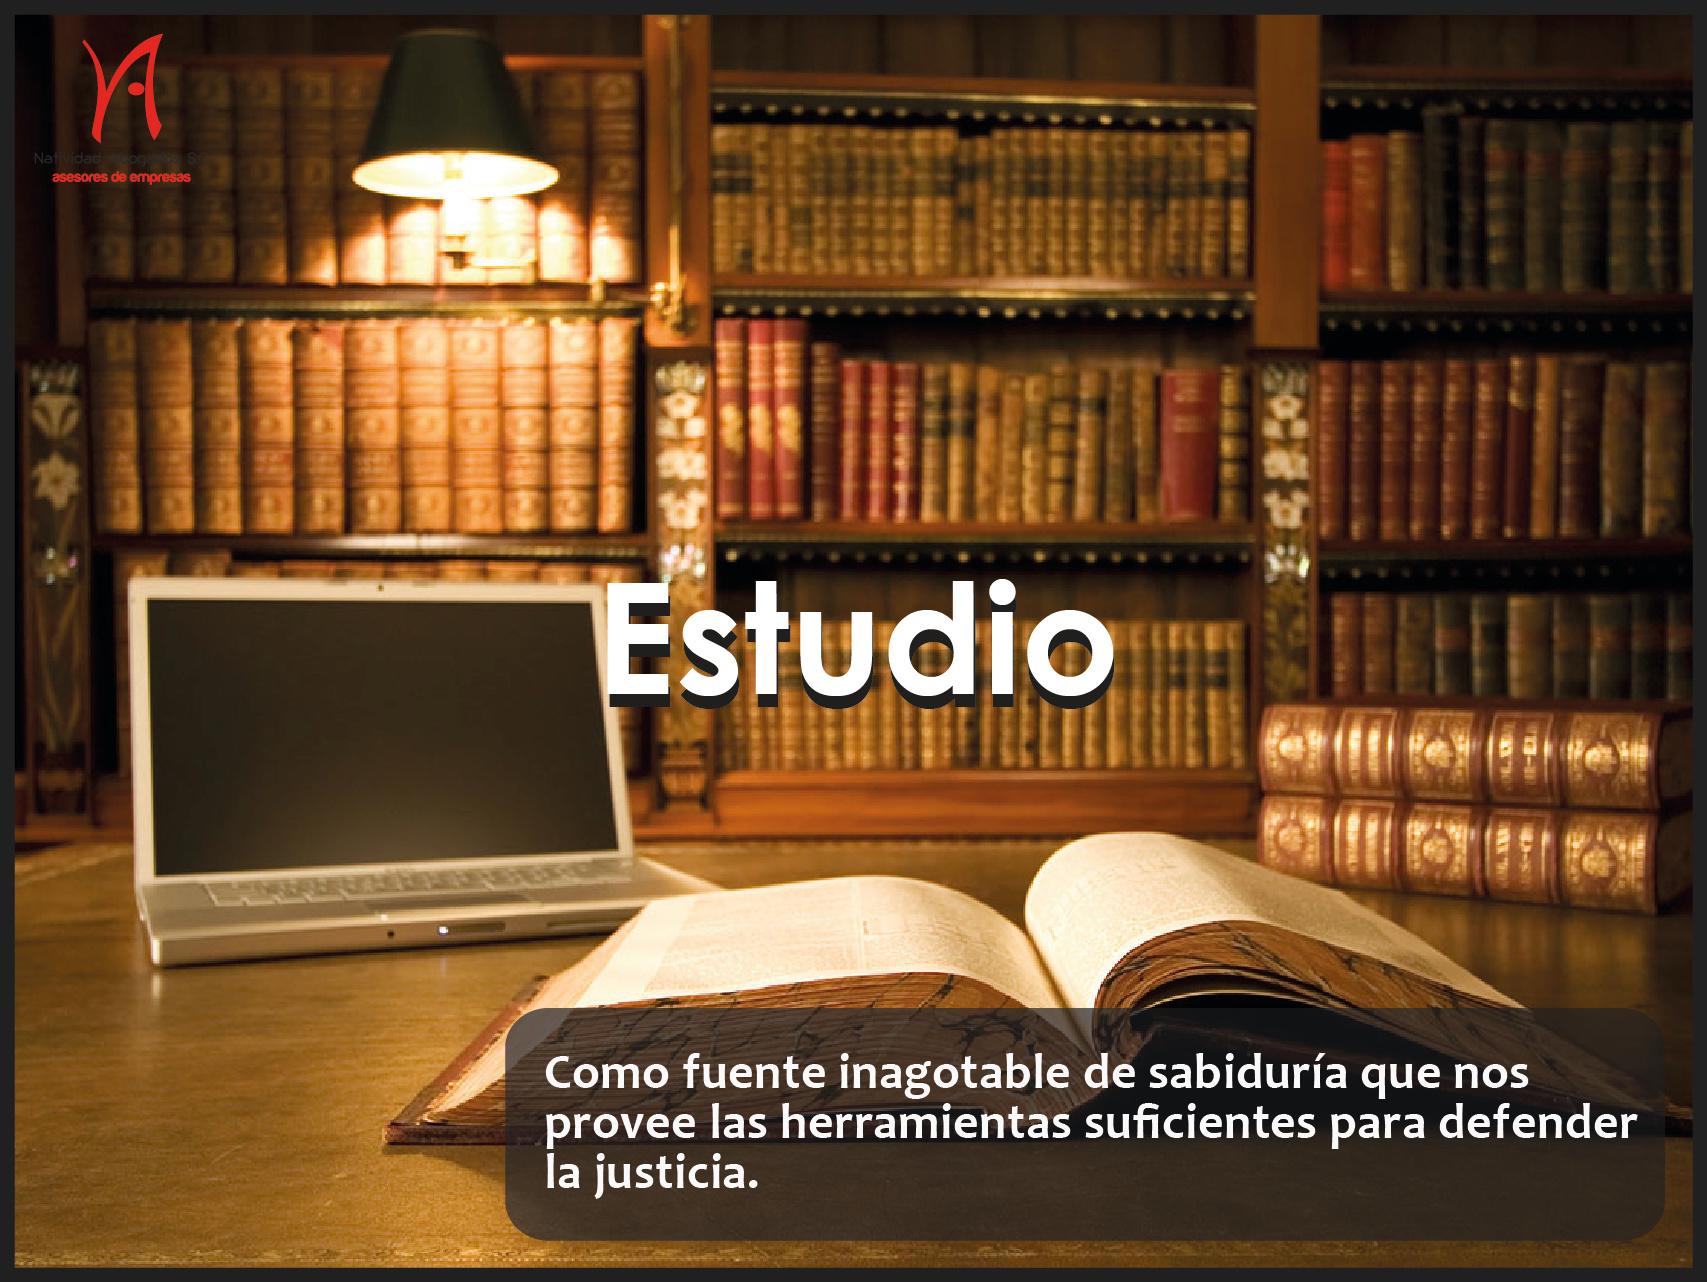 Estudio-01